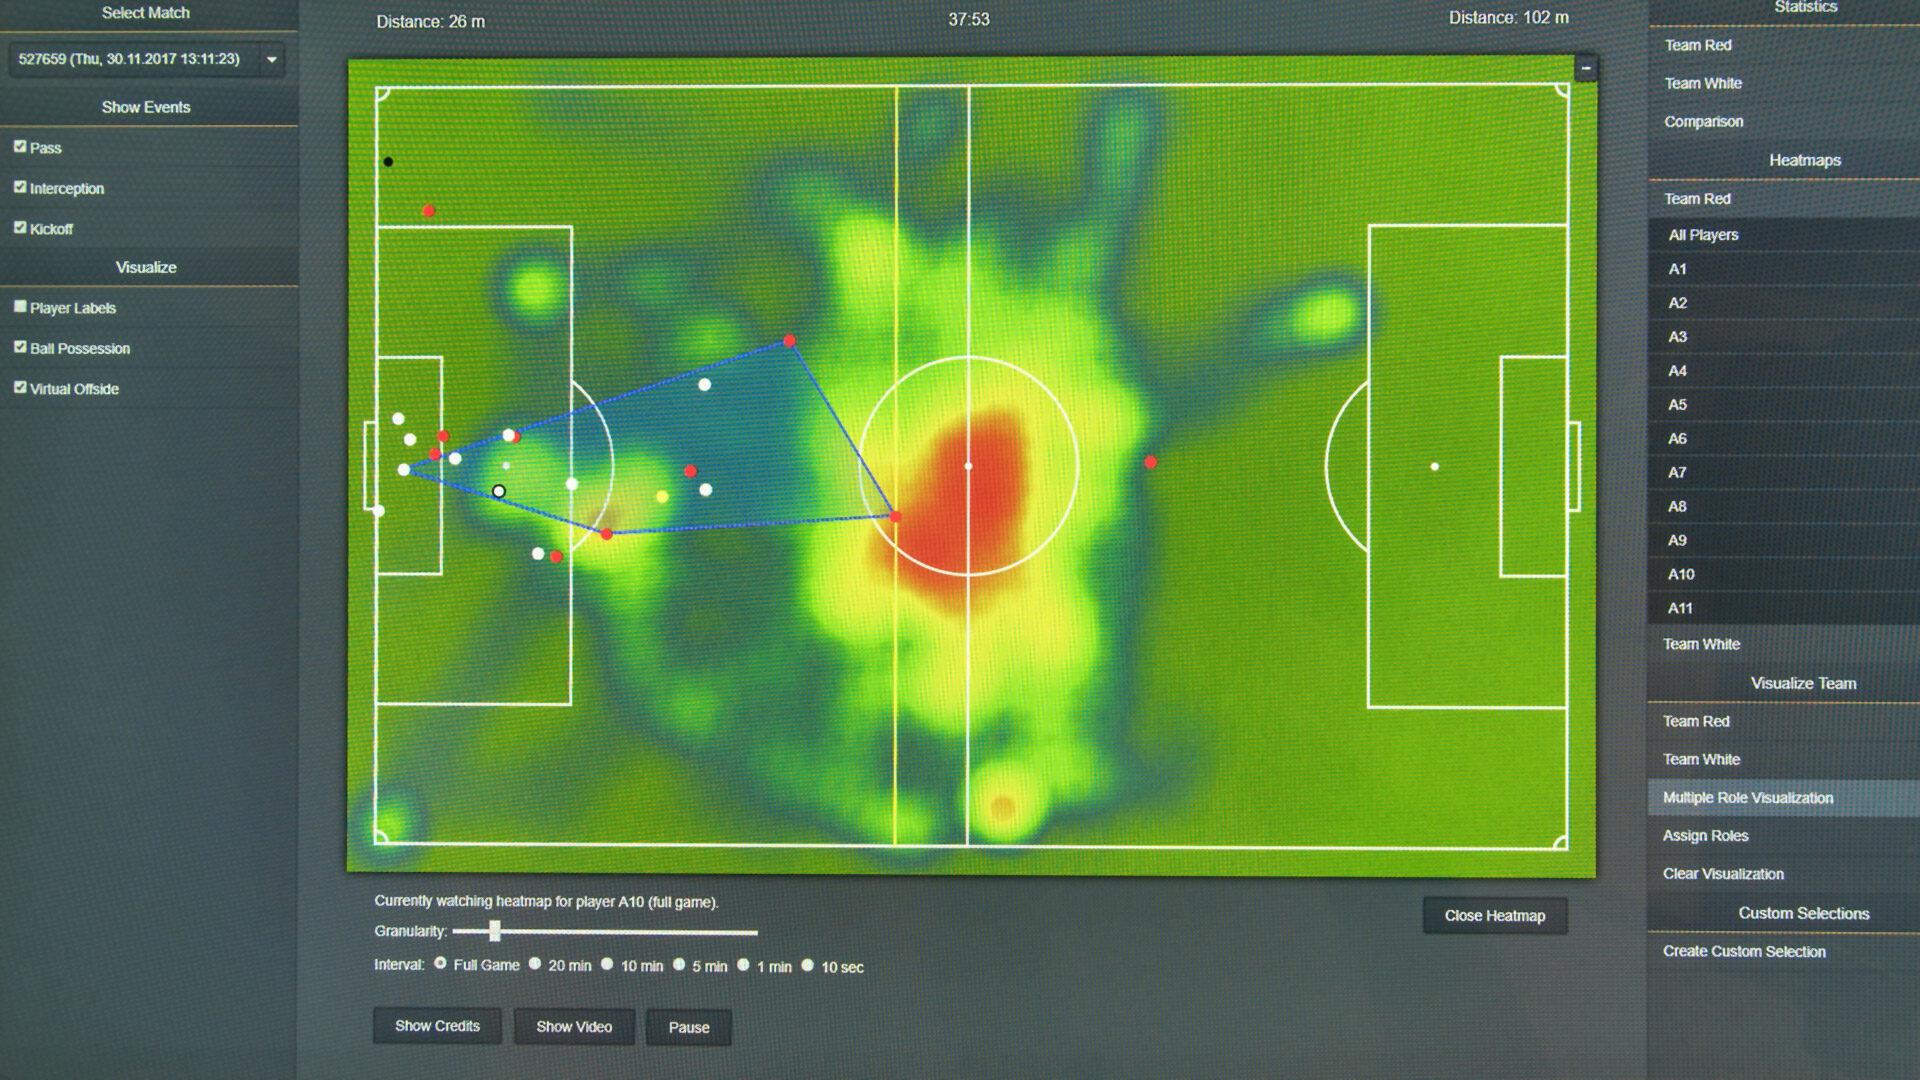 Daten & Bewegungsanalysen: Nicht nur für Fußball nützlich, sondern auch für Messen und Events